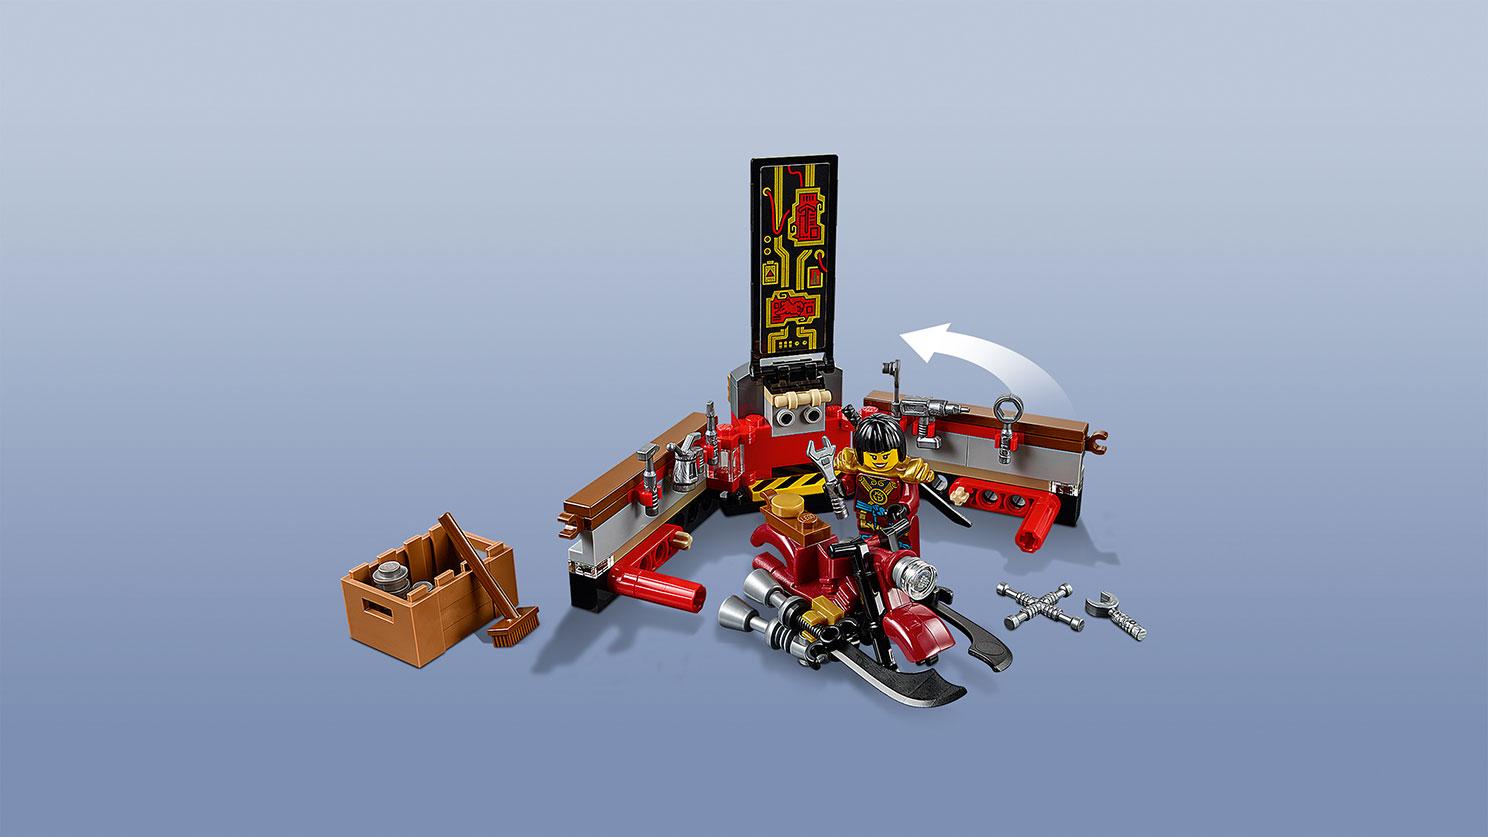 Ninjago Lego® Lego® Ninjago Lego® Ninjago Lego® Ninjago Ninjago Ninjago Lego® Lego® Lego® Ninjago Lego® Ninjago wZP8OXNkn0